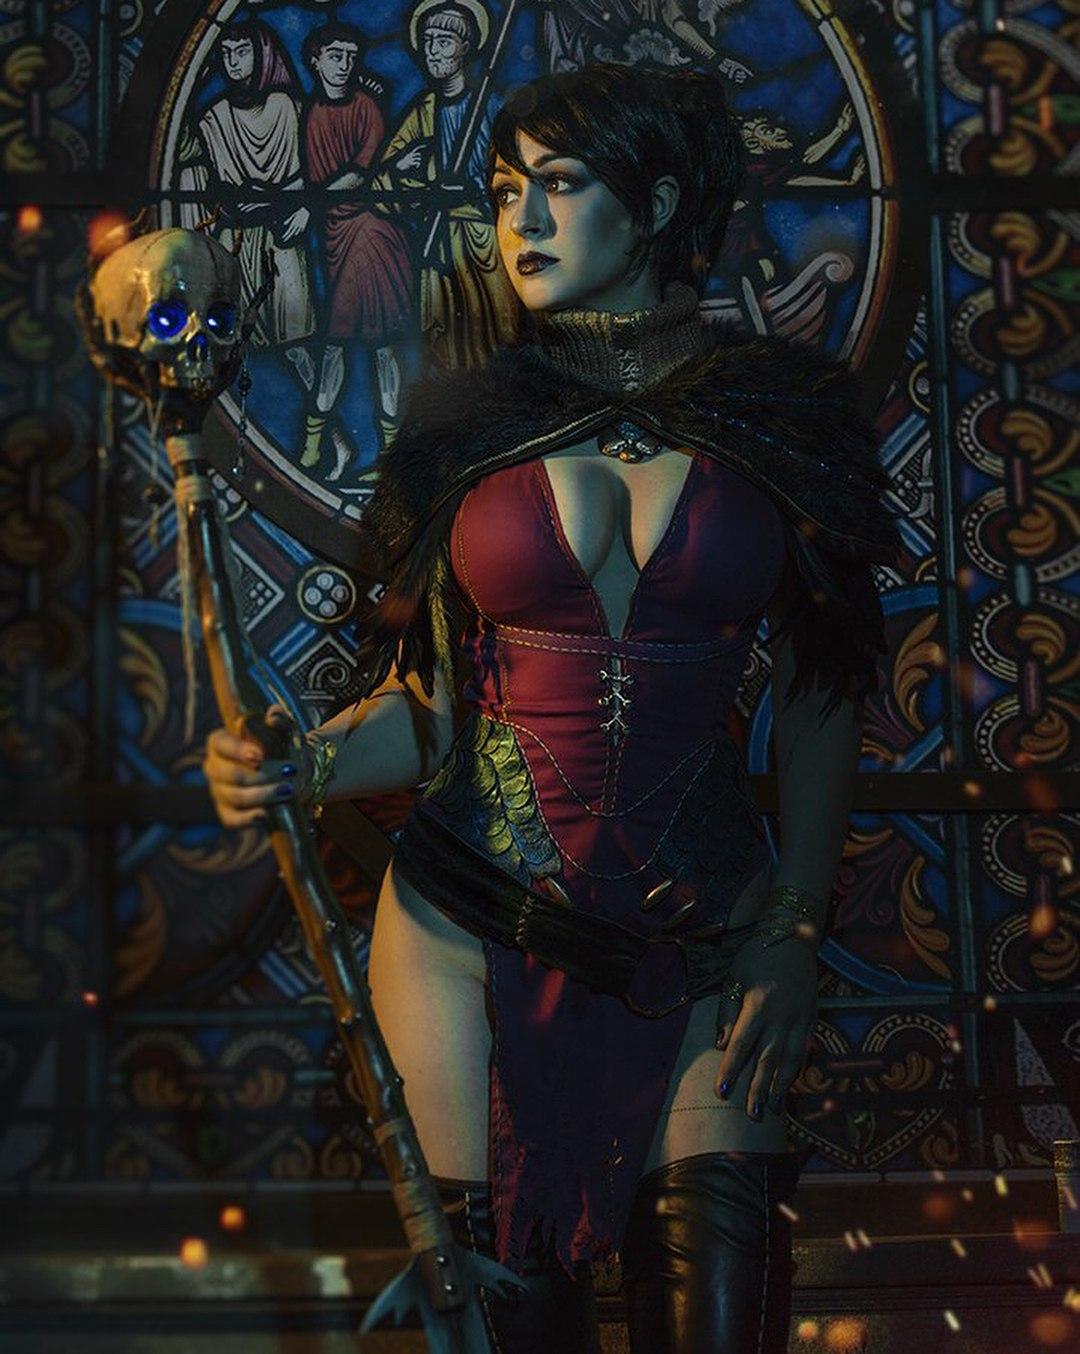 Опасная красотка Морриган из Dragon Age в подборке правильного косплея.